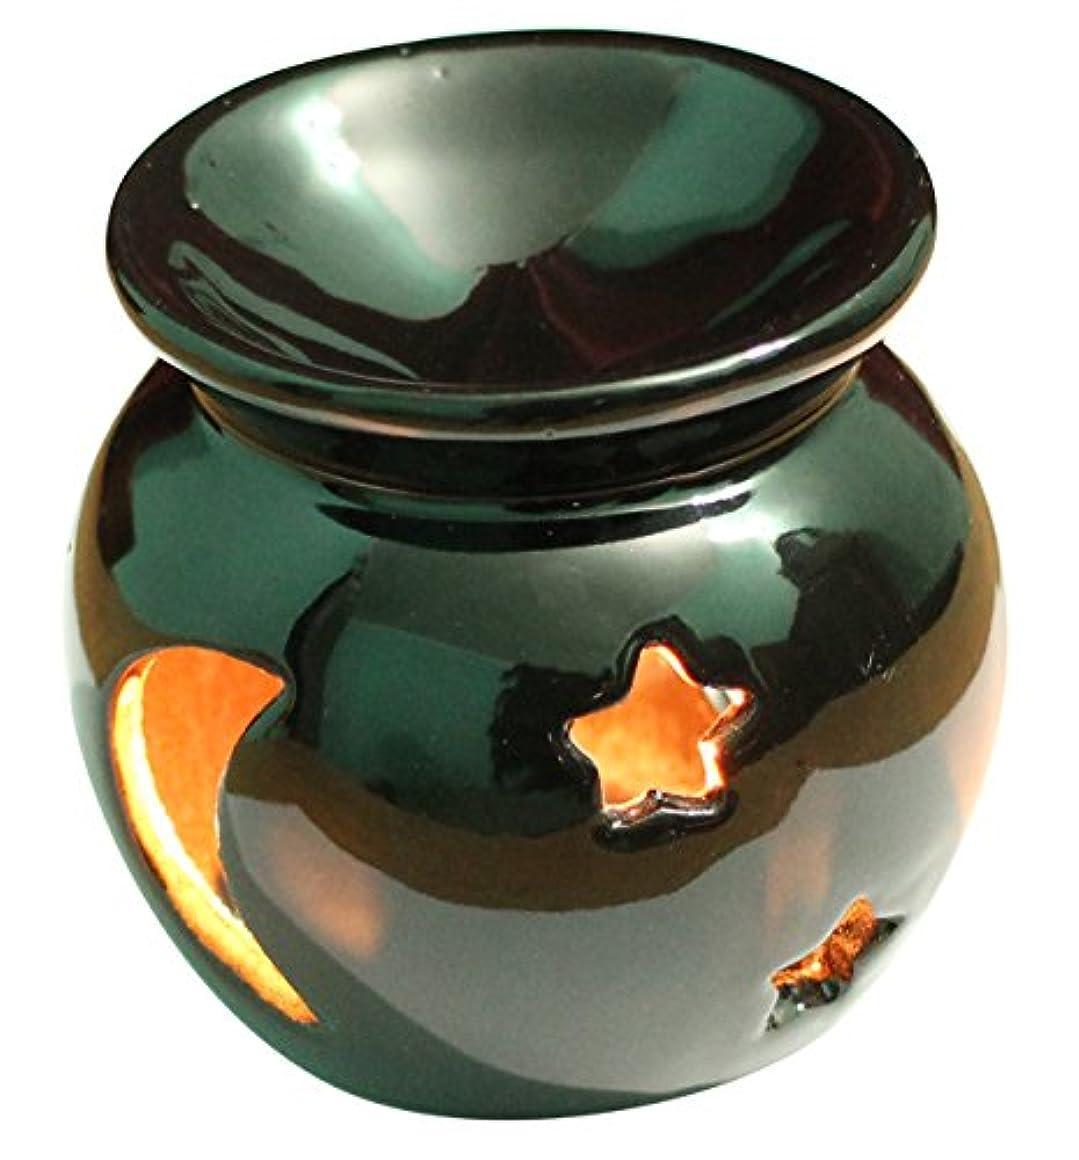 どうしたの博覧会舌なAb Handicrafts – セラミック – Essential Oil Burner、完璧ハンドメイドOil Diffuser for Fragrance &アロマセラピー – 素晴らしい装飾のリビングルーム、バルコニー...